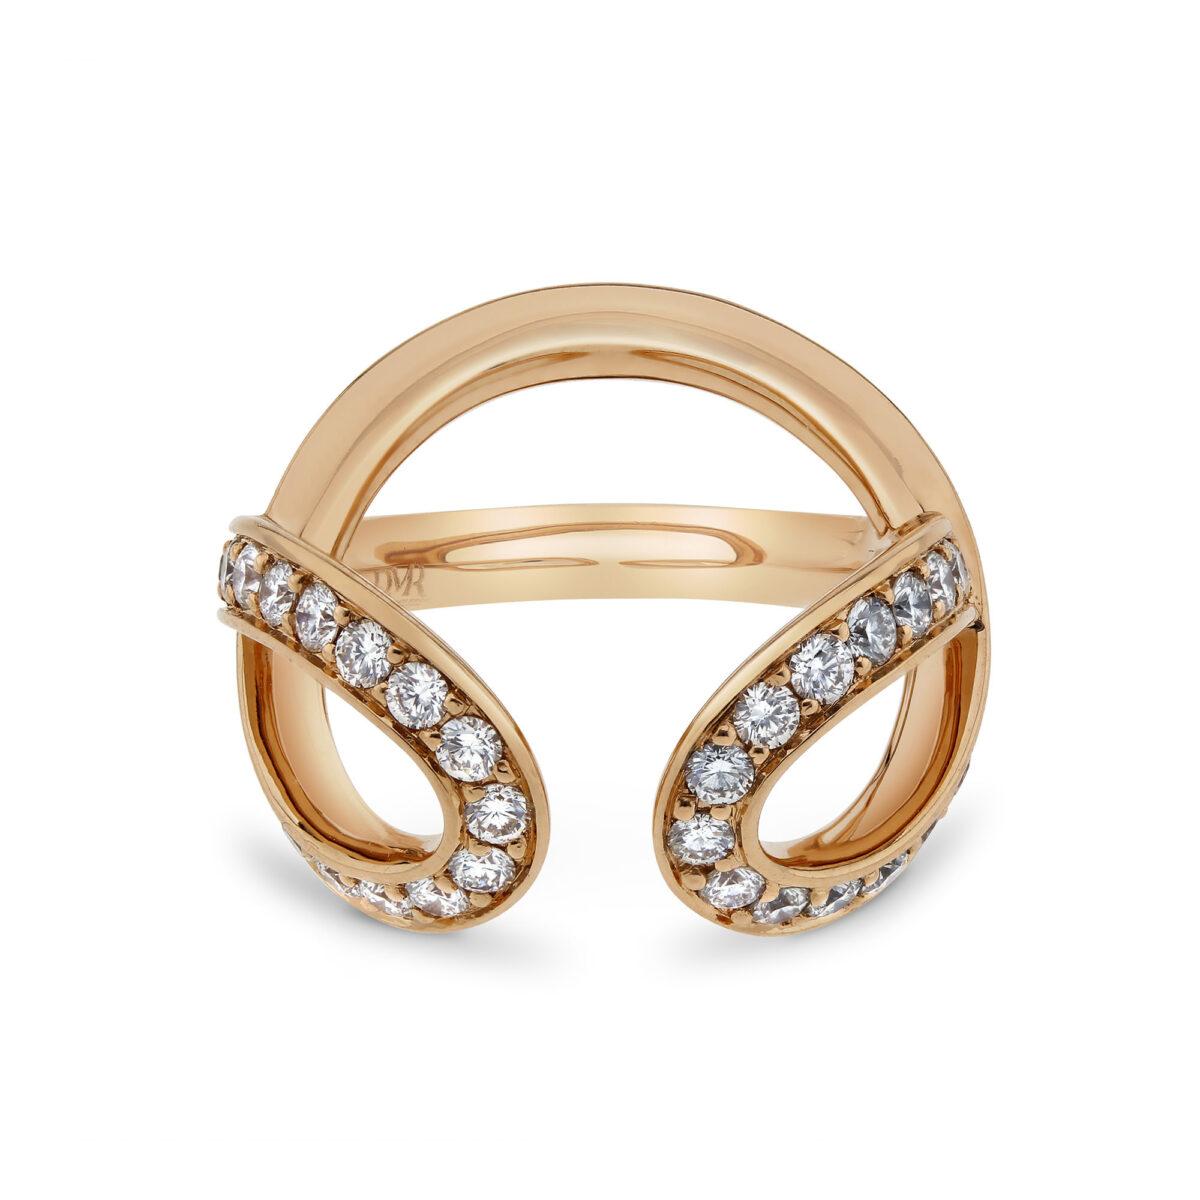 product/i/n/infinity_ring_rose_gold_full_14.jpg;;product/i/n/infinity_ring_rose_gold_full_15.jpg;;product/d/m/dmr-packaging_116.jpg